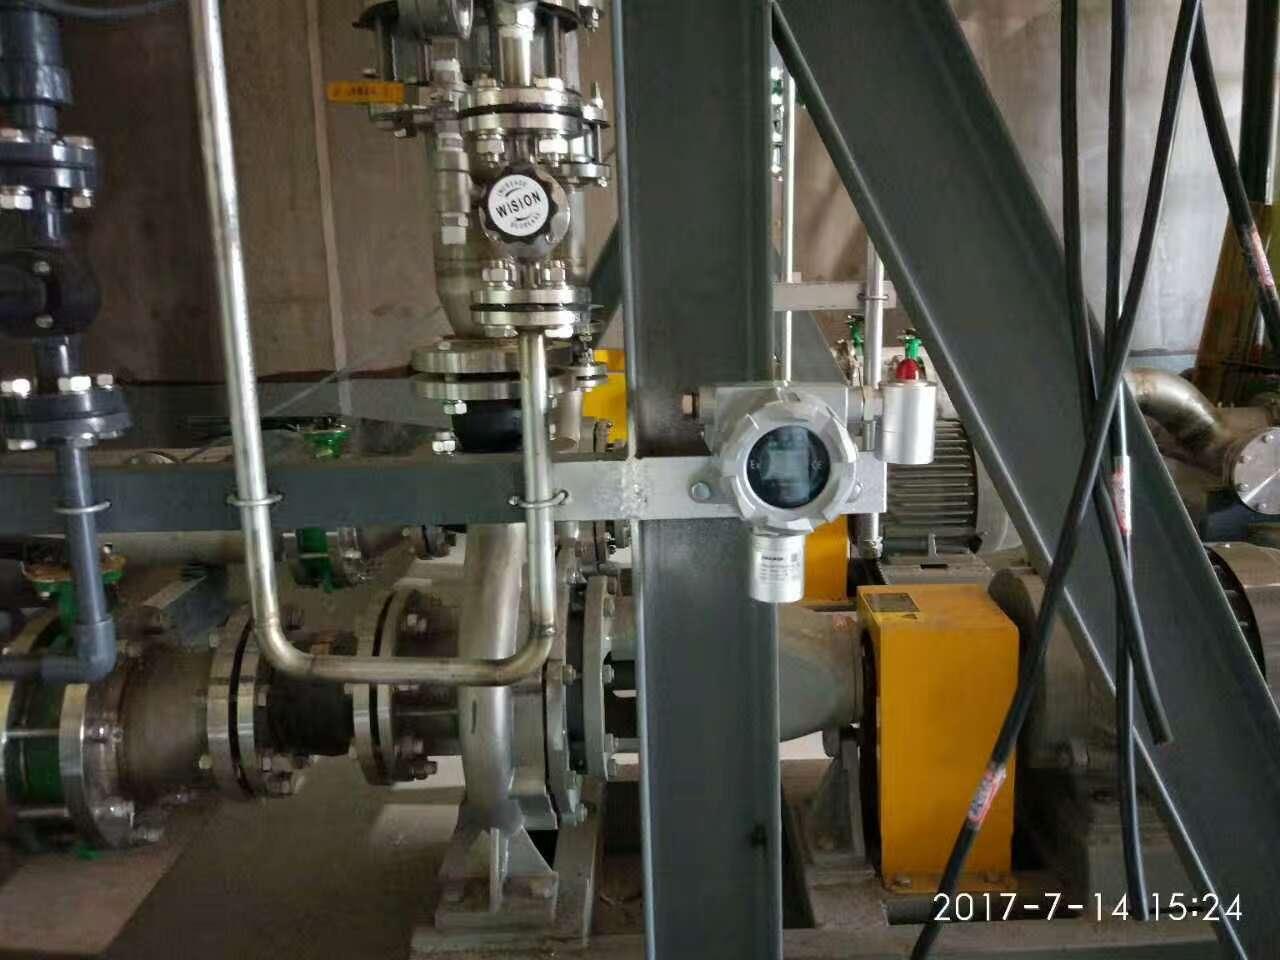 乙烯报警器检测数值跳动原因分析